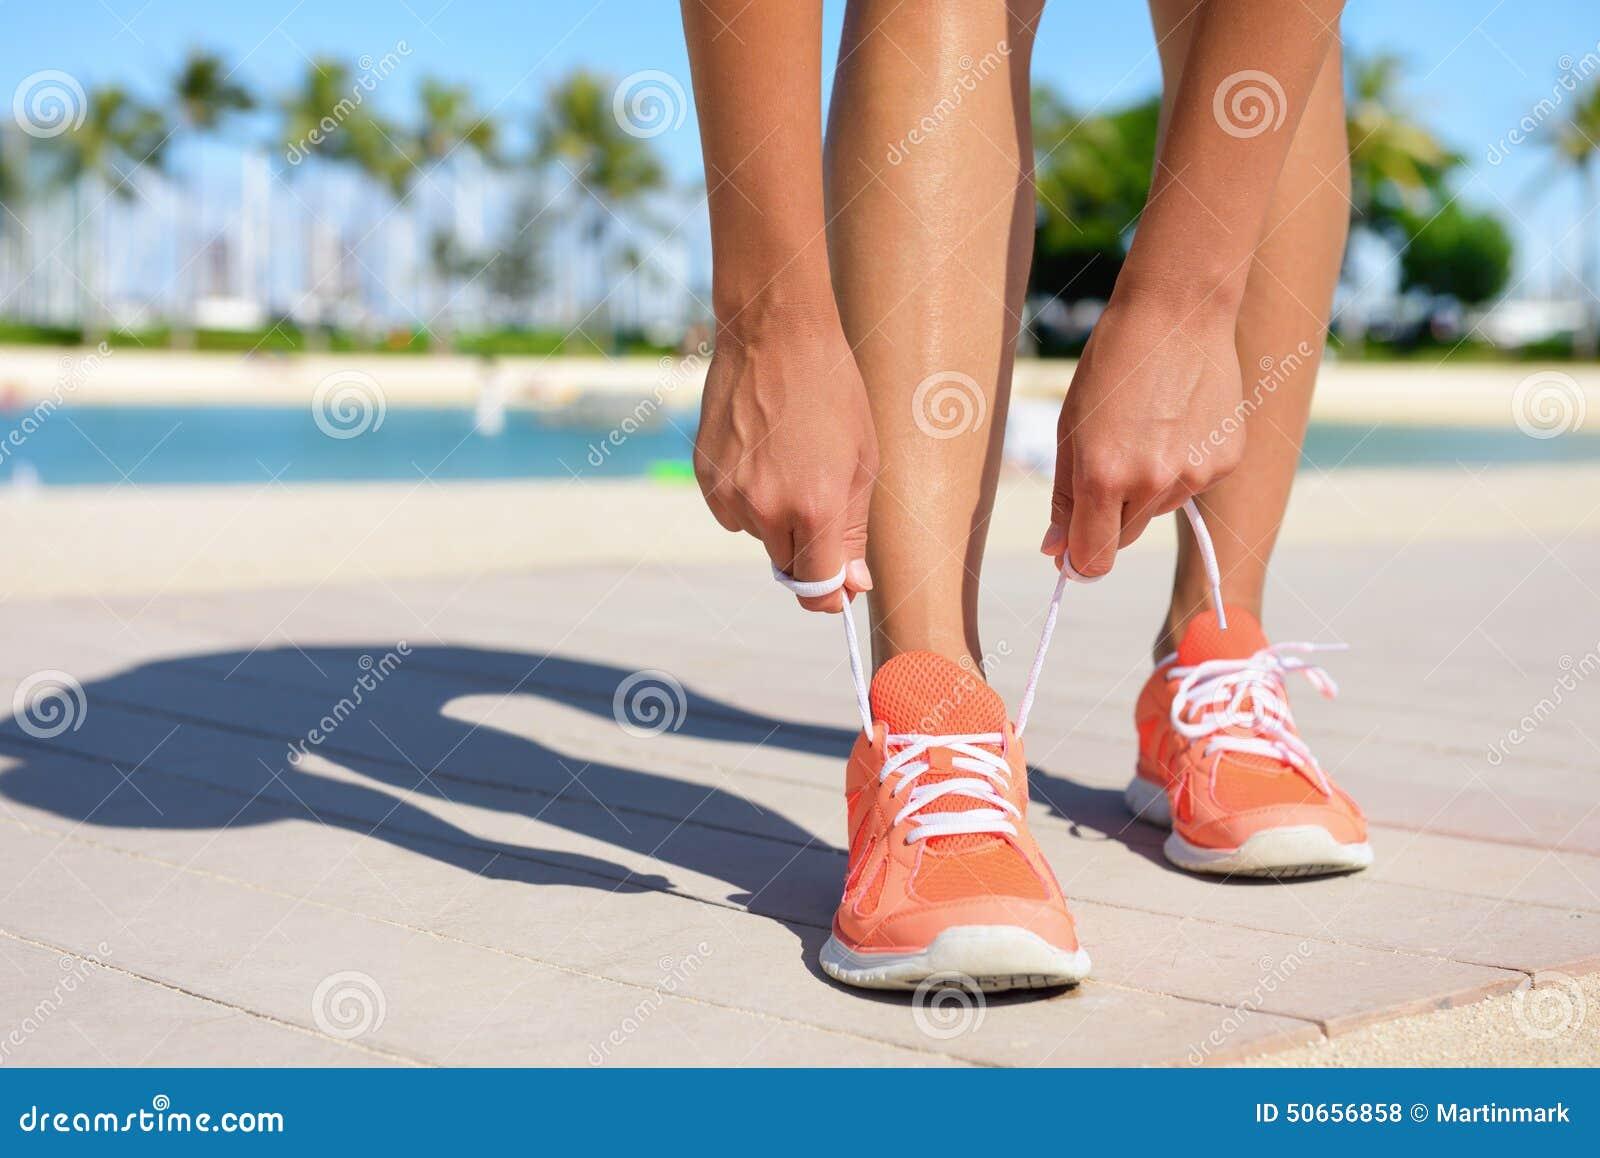 Концепция образа жизни тренировки фитнеса спорта идущая